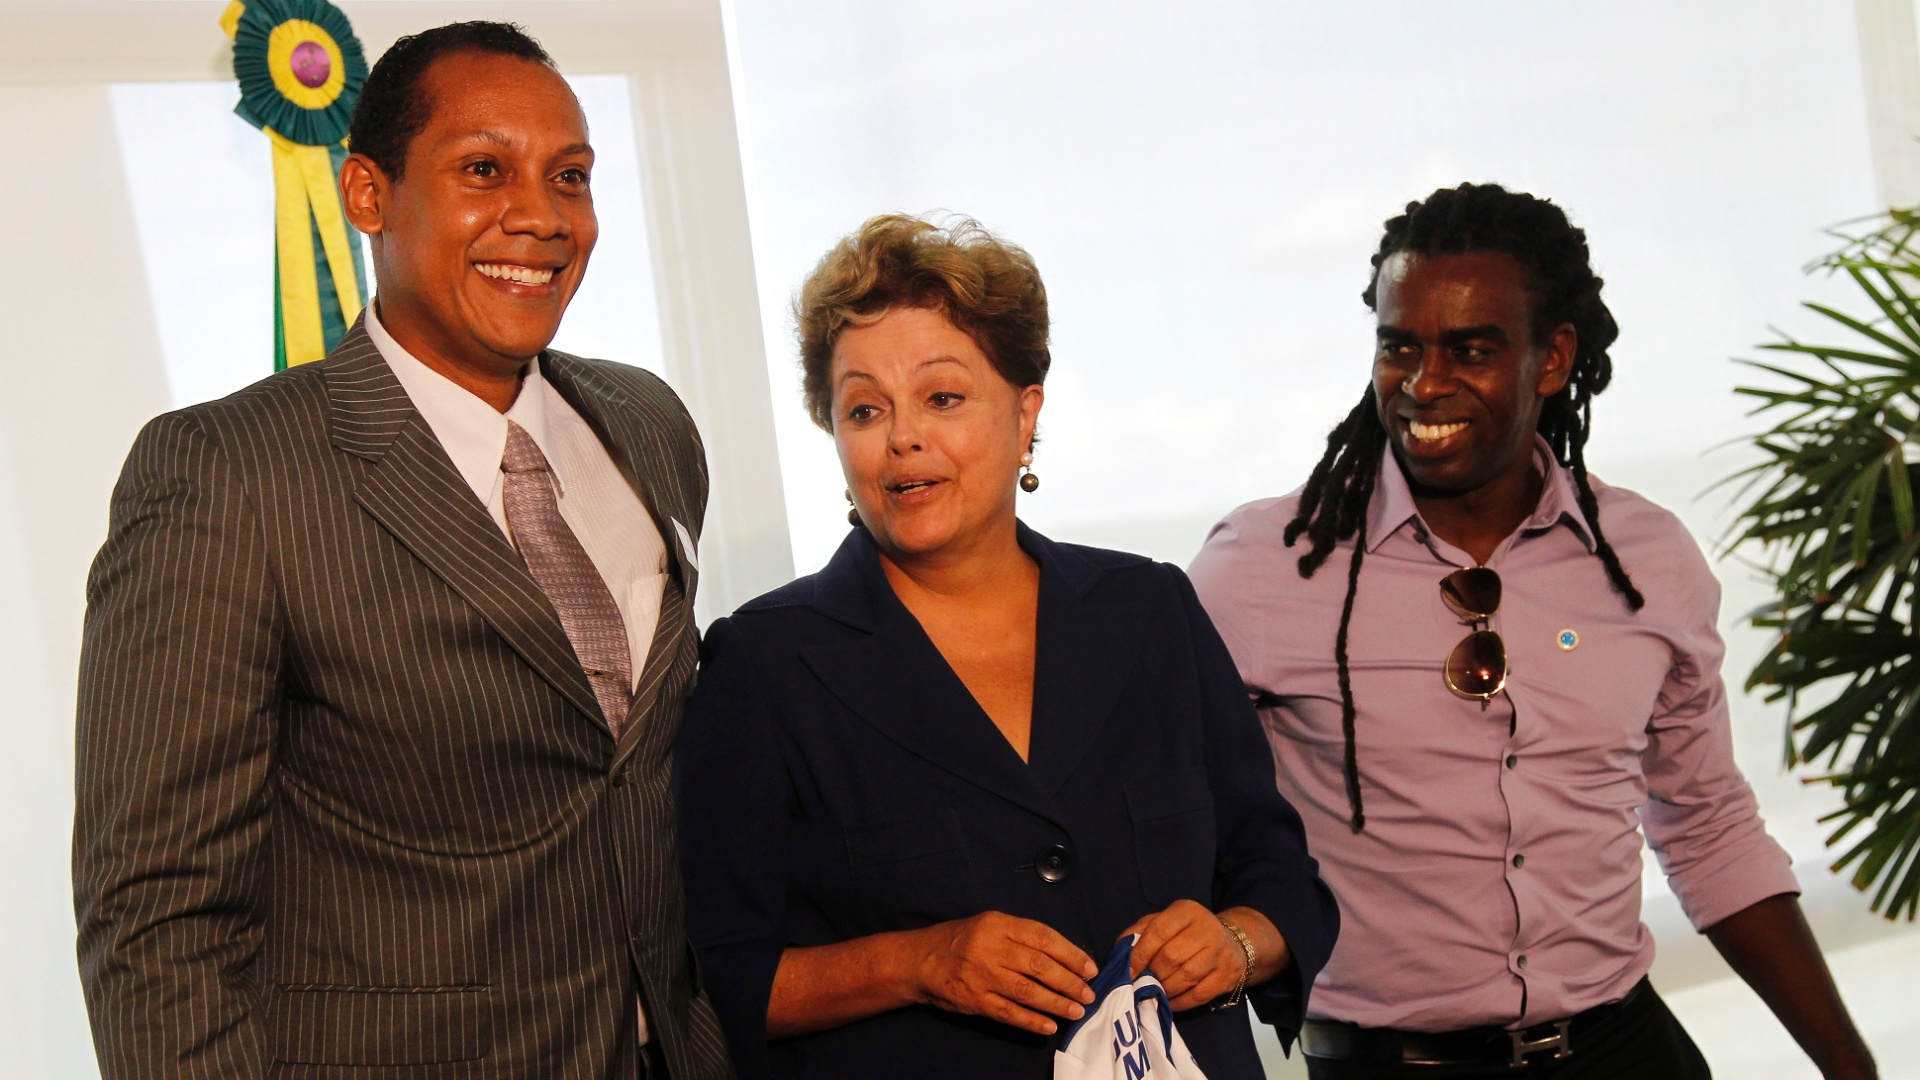 13.mar.2014 - A presidente Dilma Rousseff (c) recebeu nesta quinta-feira em Brasília o árbitro gaúcho Marcio Chagas (e) e o volante Tinga para discutir o racismo no futebol. Marcio e Tinga foram recentemente alvos de ofensas racistas durante partidas